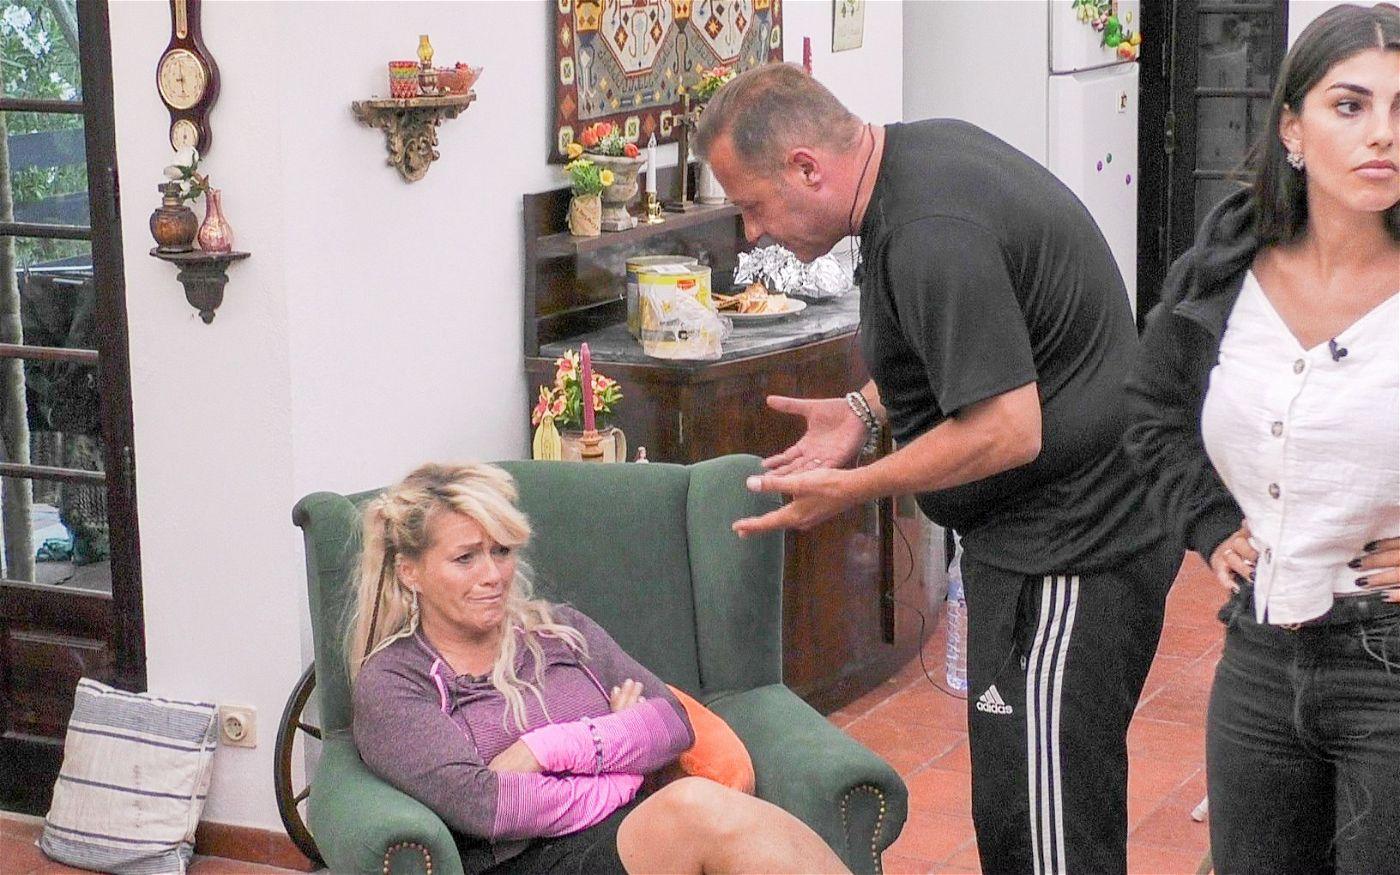 Willi konfrontiert Sabrina, die bricht in Tränen aus.